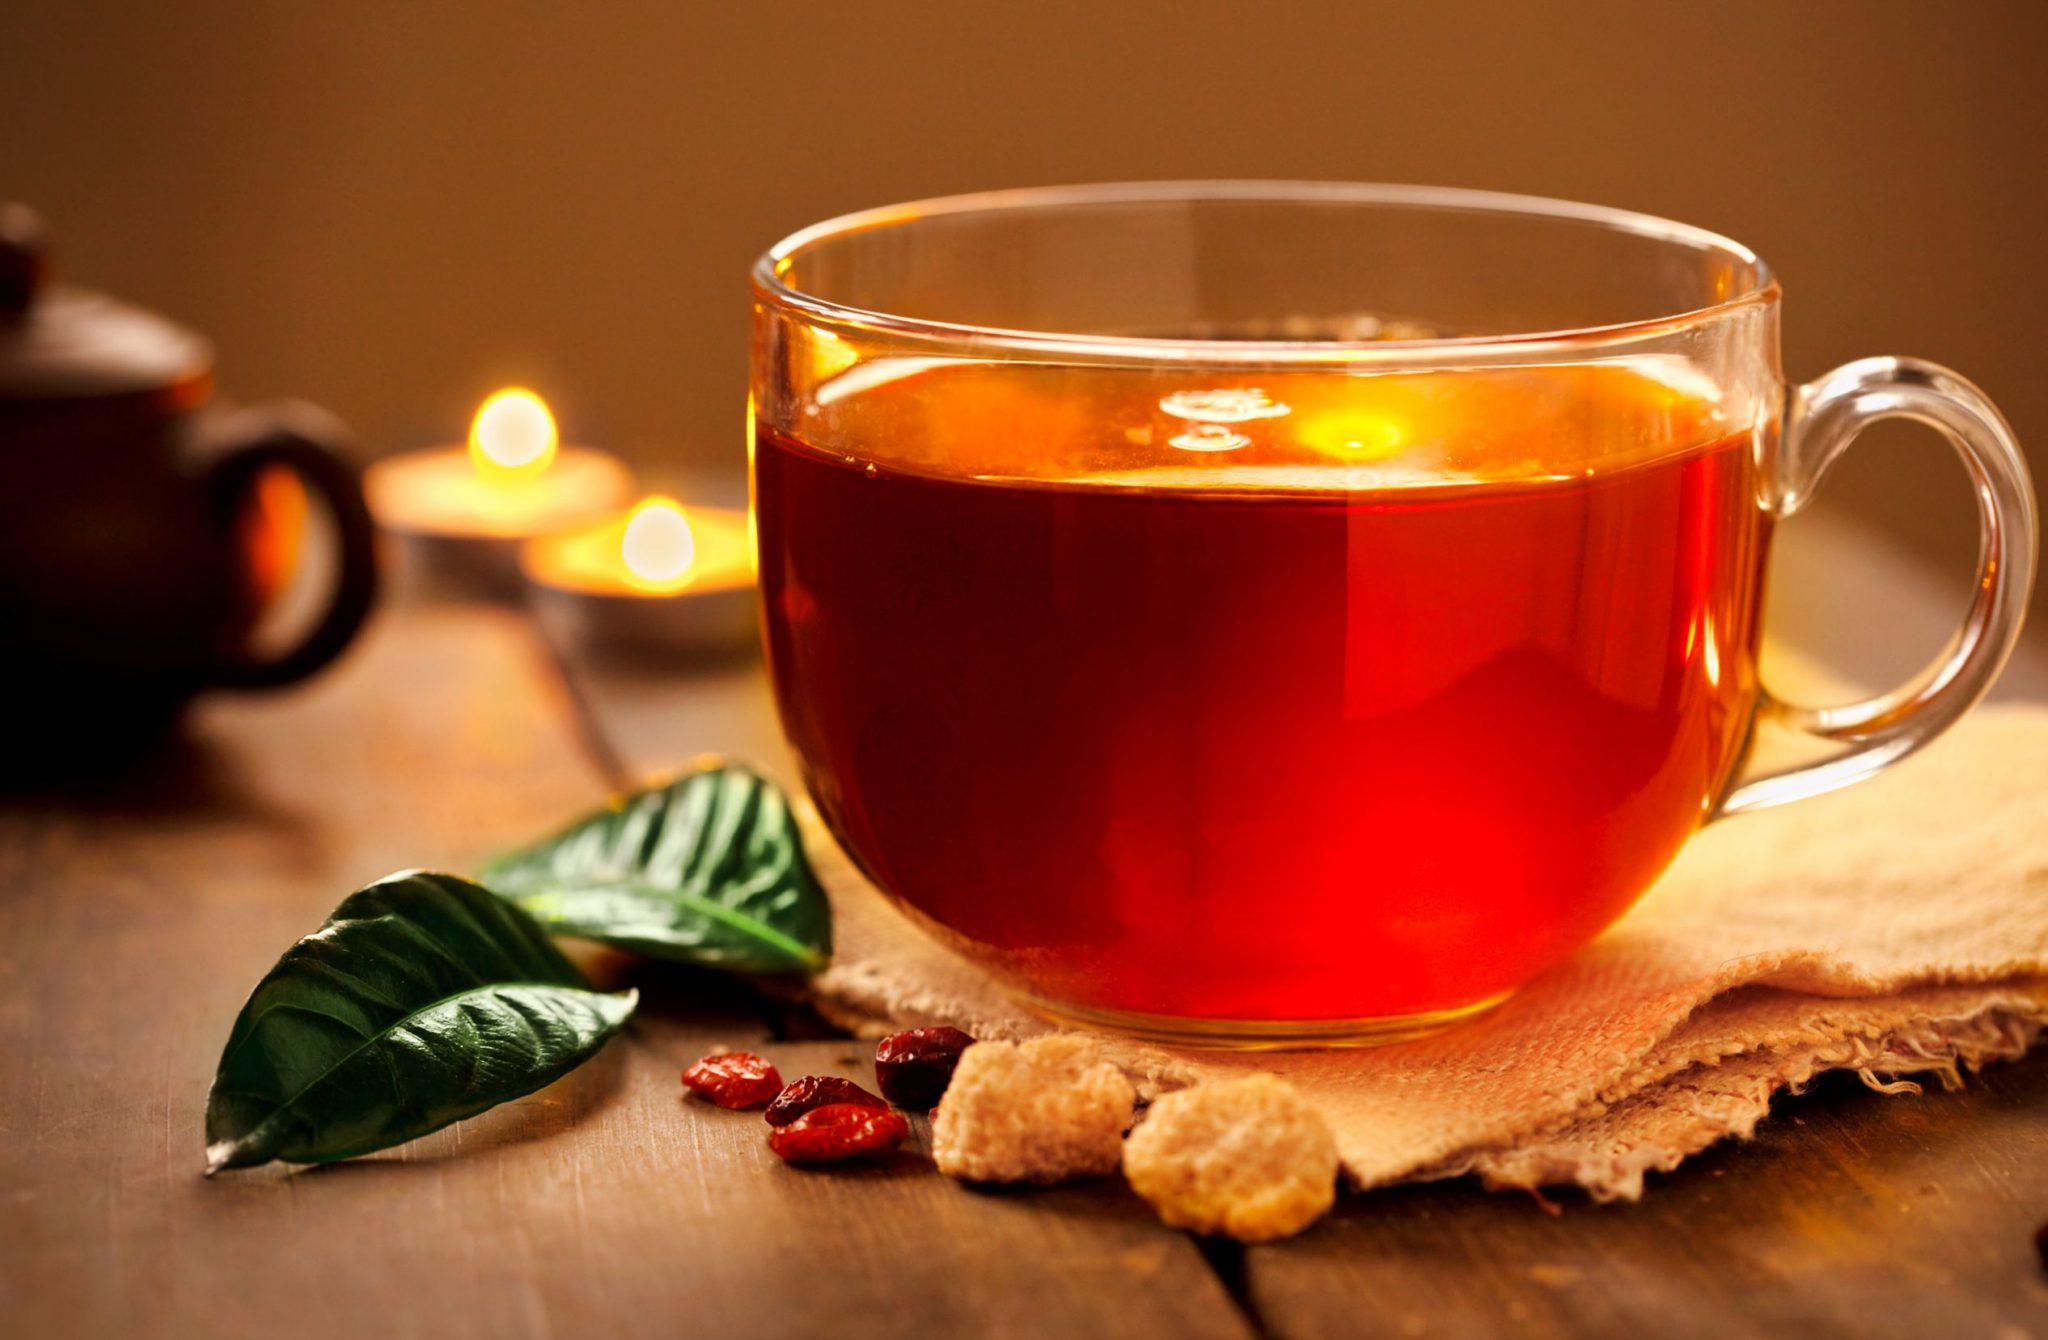 نوشیدن چای داغ با بالا رفتن خطر سرطان مری مرتبط است